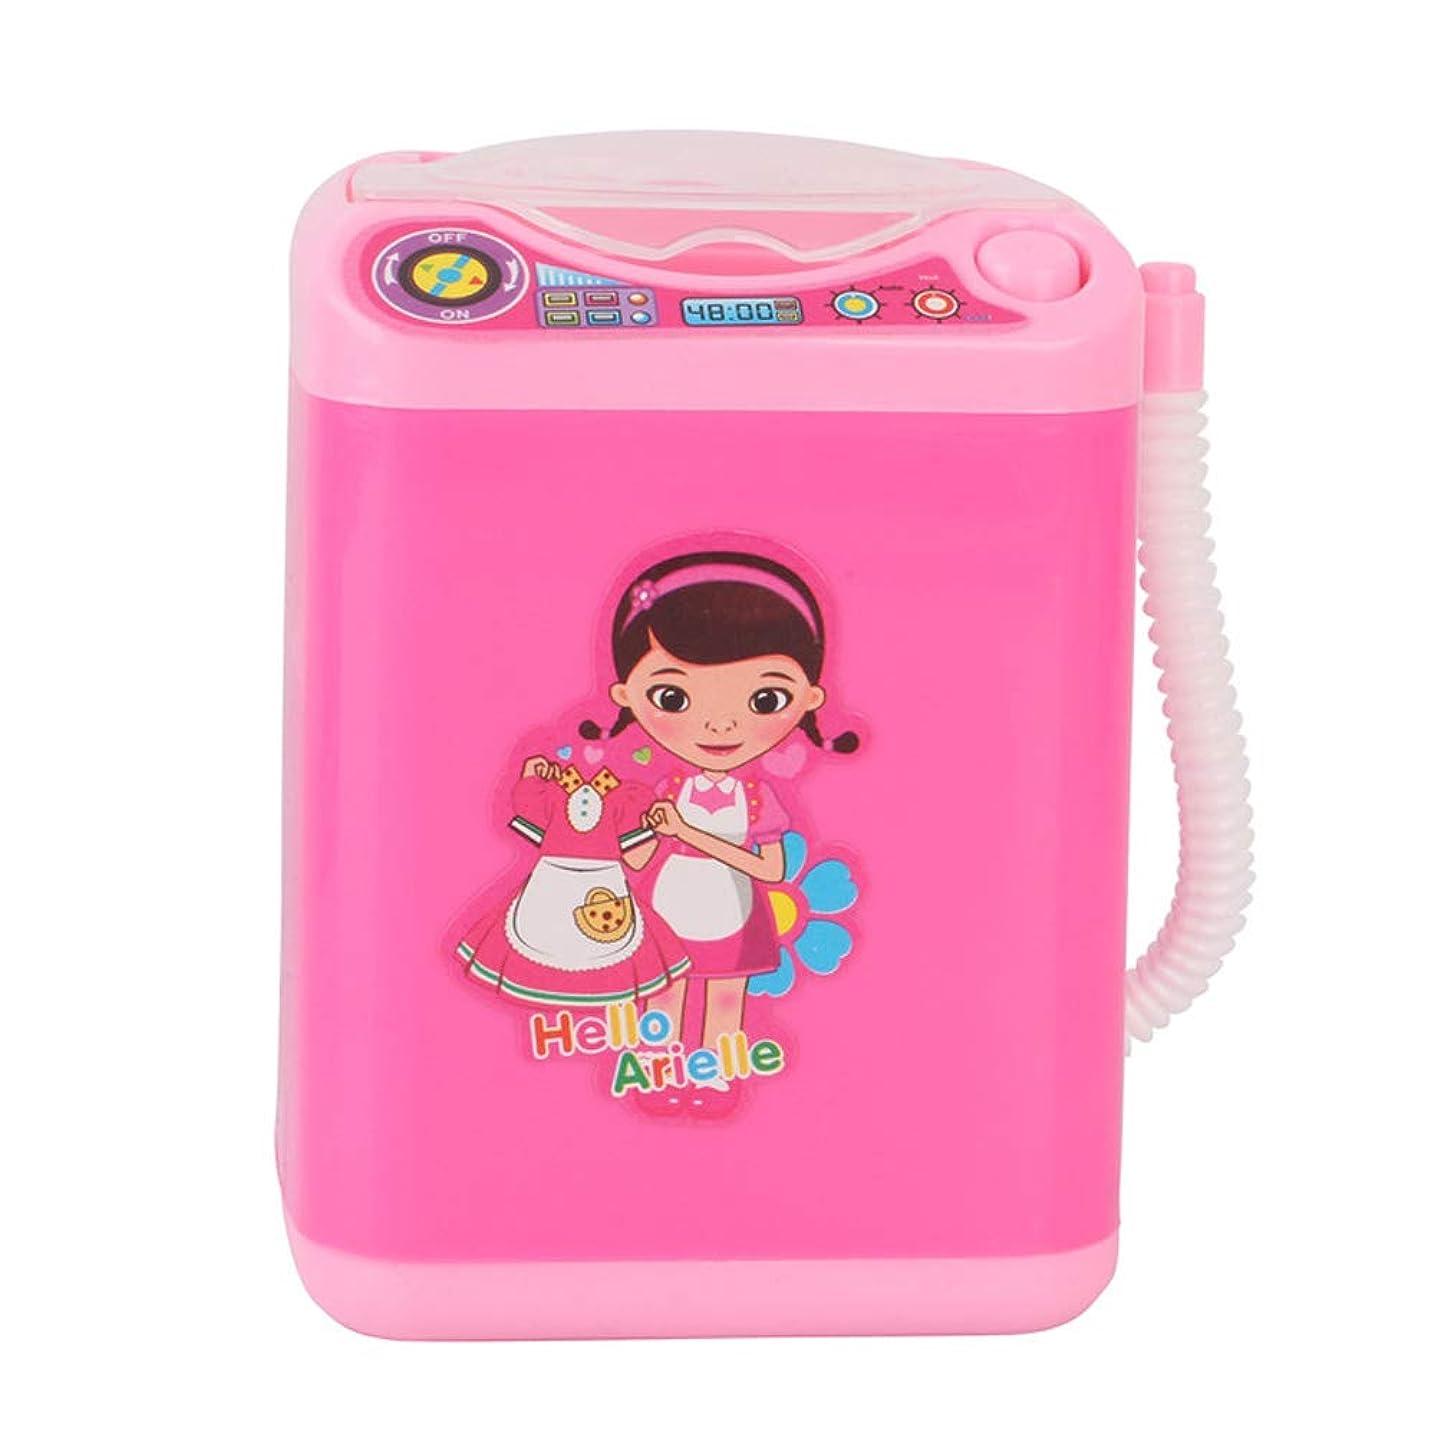 こっそり職業夕方Arvolno 電動メイクブラシクリーナー 化粧ブラシ洗浄器 スポンジ パフ 自動洗浄 電池式 ミニ洗濯機 携帯便利 旅行 DIY 可愛い ピンク 人気 子供のおもちゃとしても大歓迎